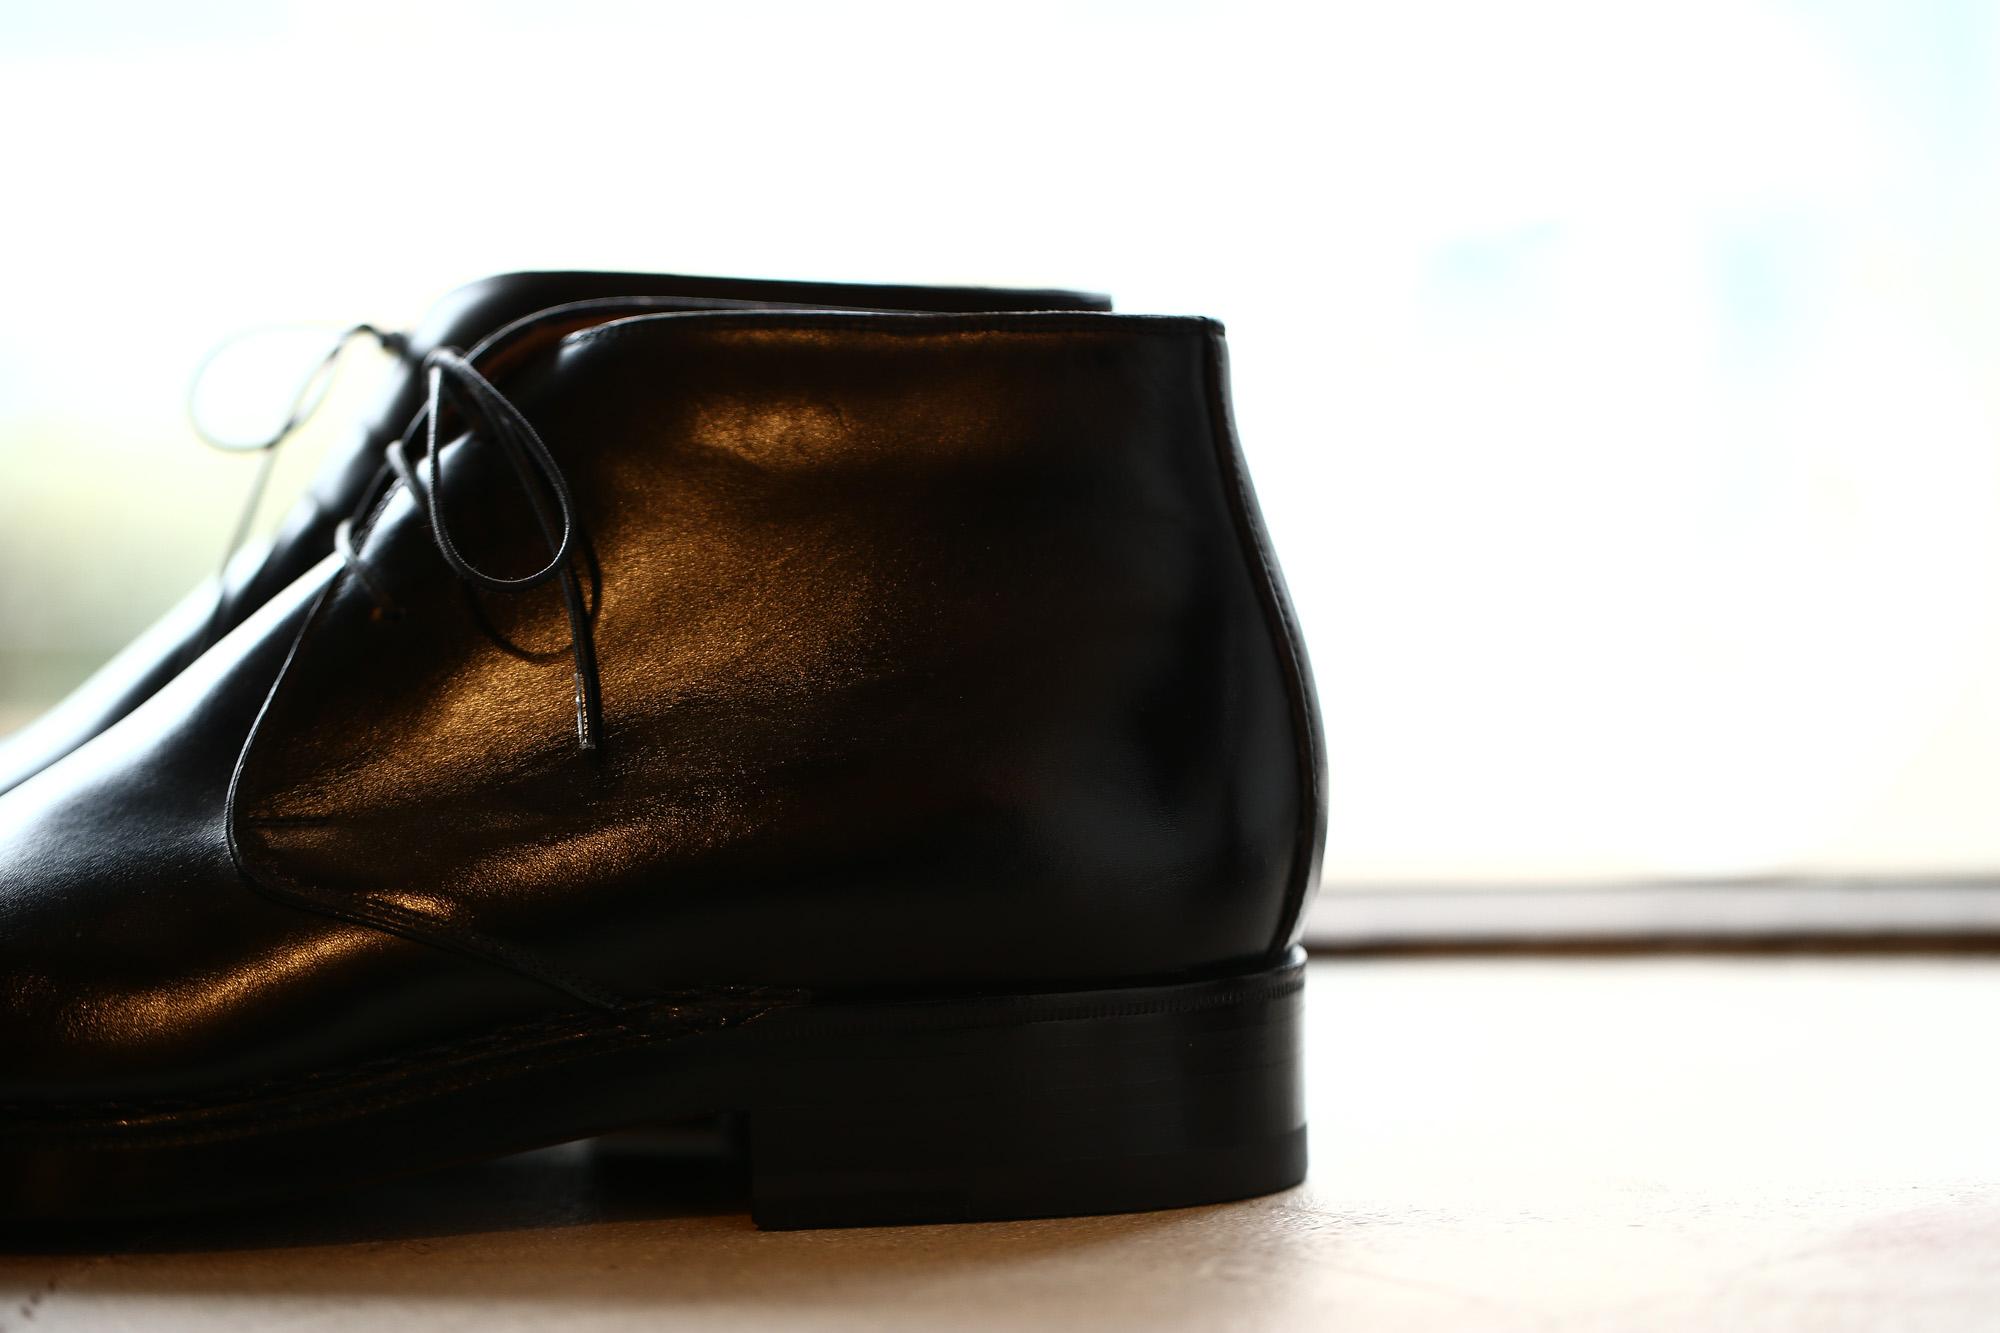 ENZO BONAFE(エンツォボナフェ) ART.3722 Chukka boots チャッカブーツ TEJUS テジュー リザードレザー ノルベジェーゼ製法 コードバンブーツ BLACK(ブラック) made in italy (イタリア製) 2018 秋冬 enzobonafe ボナフェ ブーツ チャッカ 愛知 名古屋 ZODIAC ゾディアック ドカゲ リザード